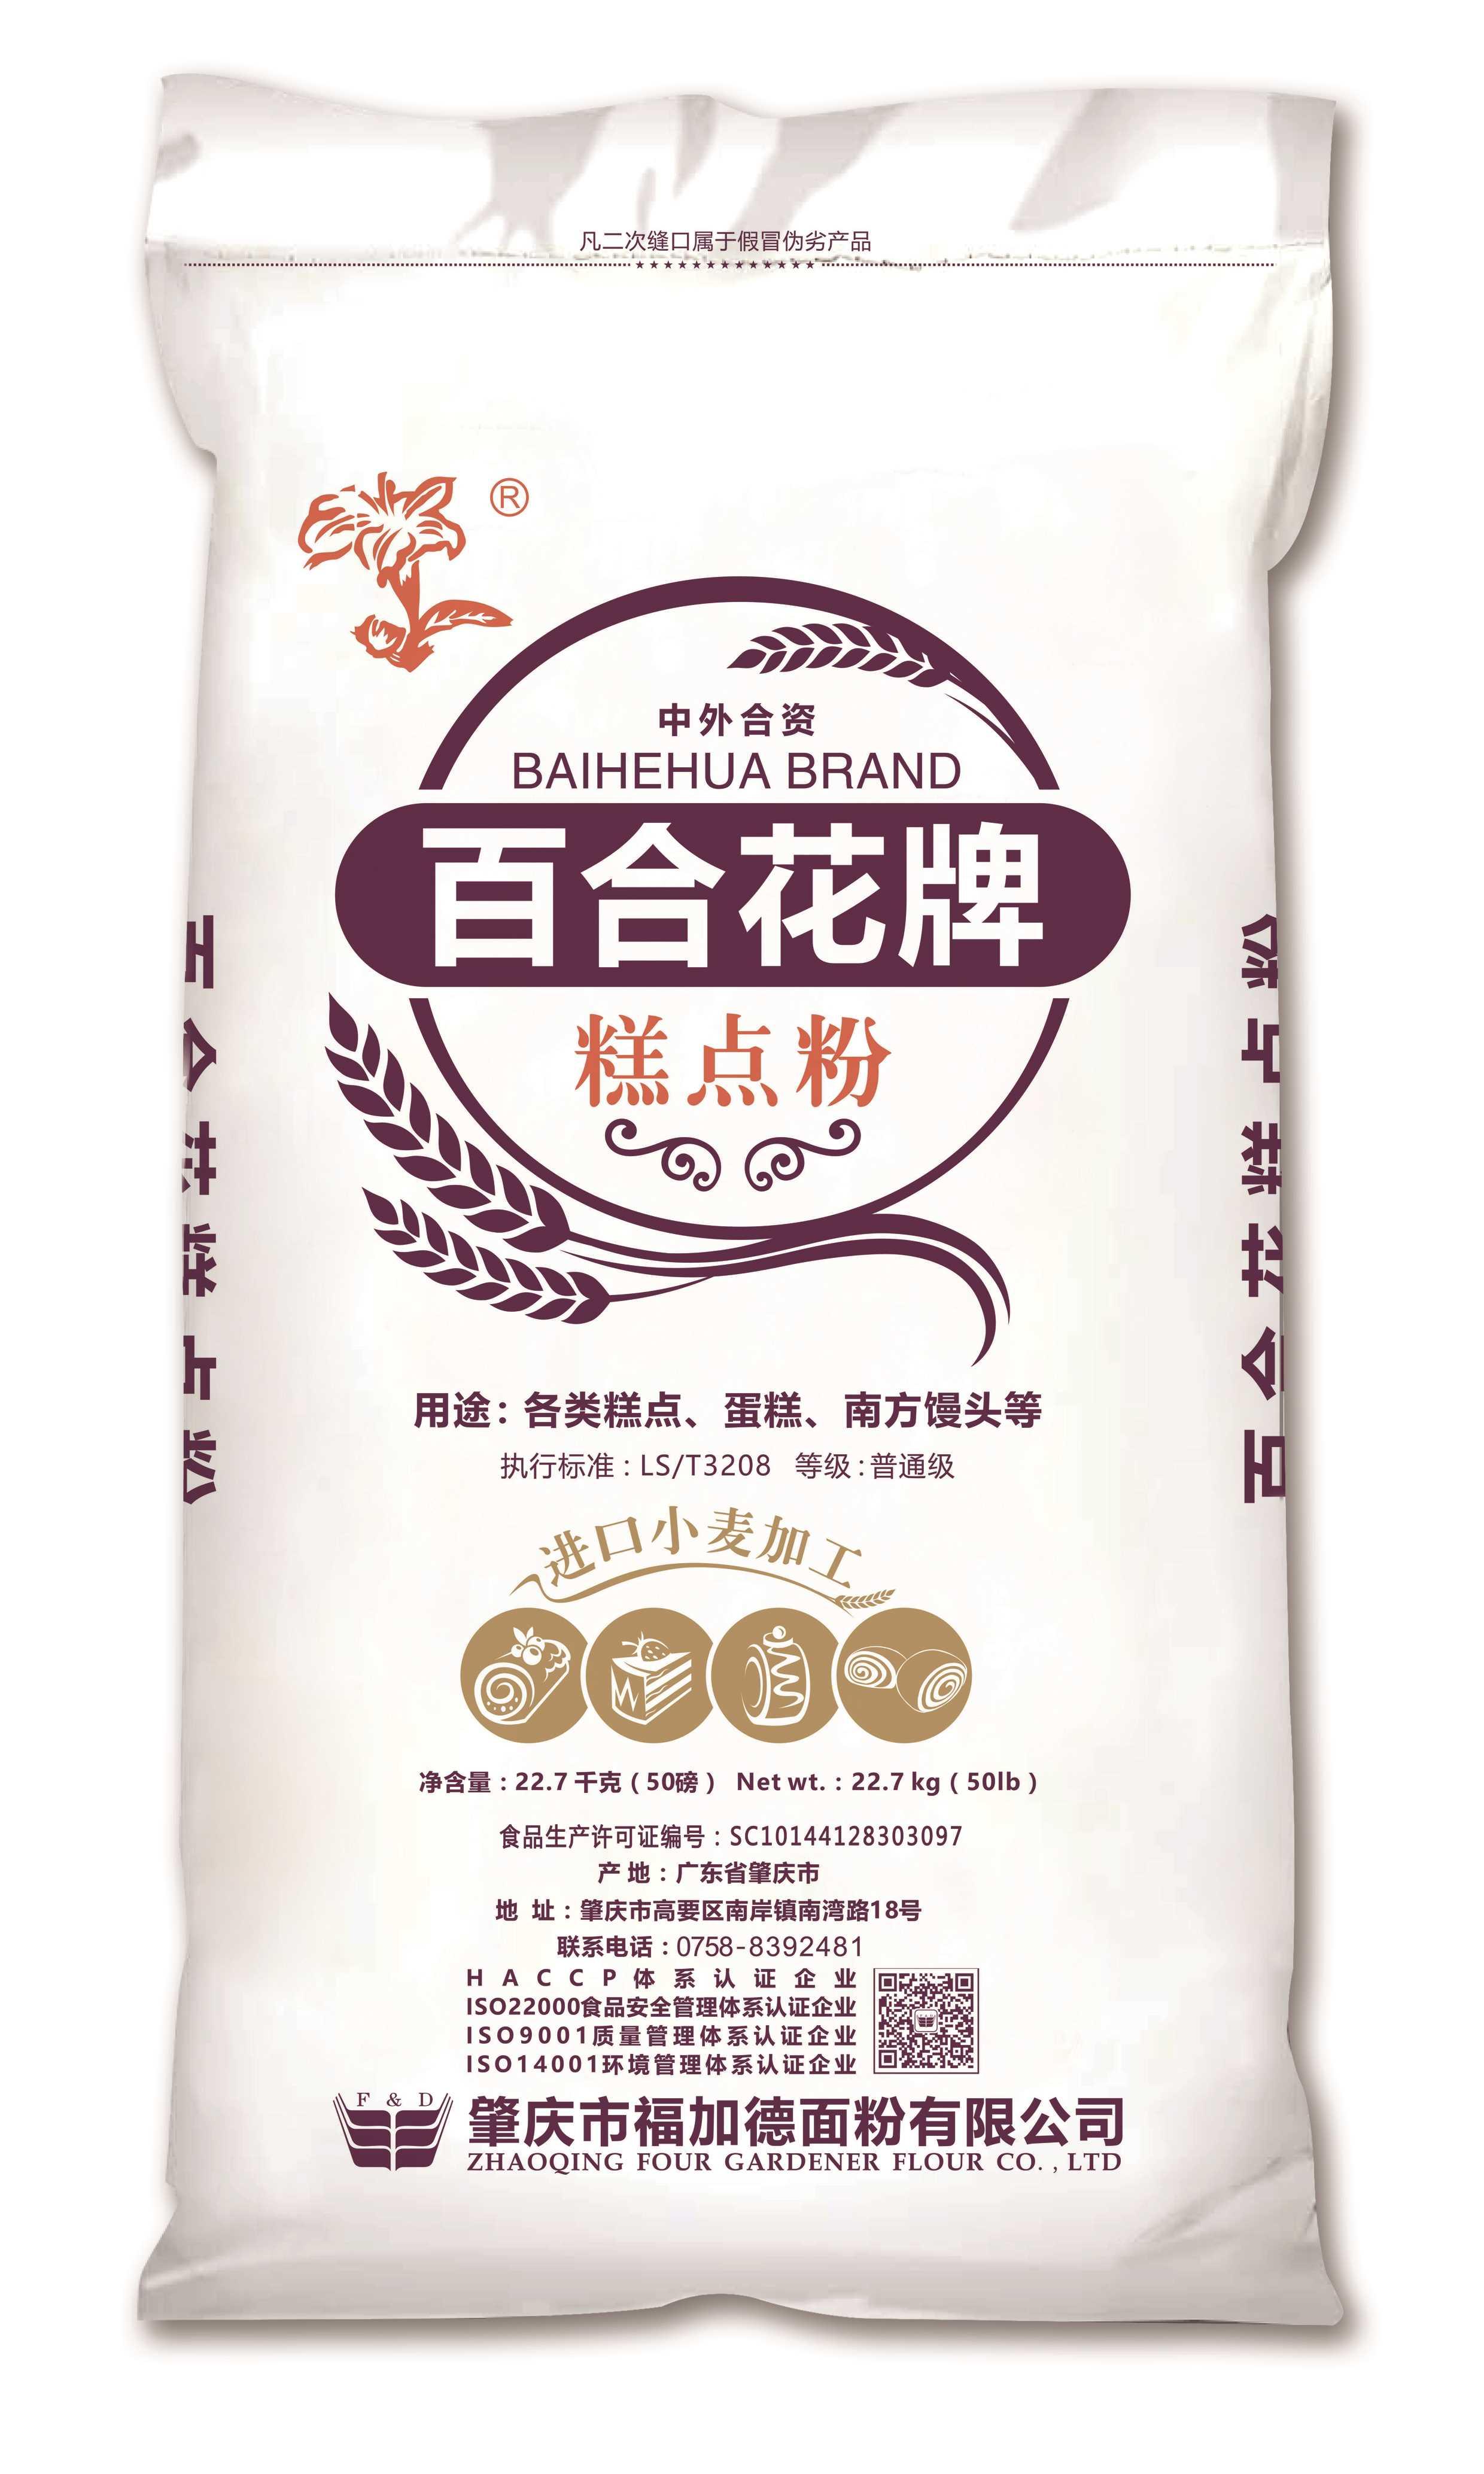 04-百合花糕点粉布袋22.7kg